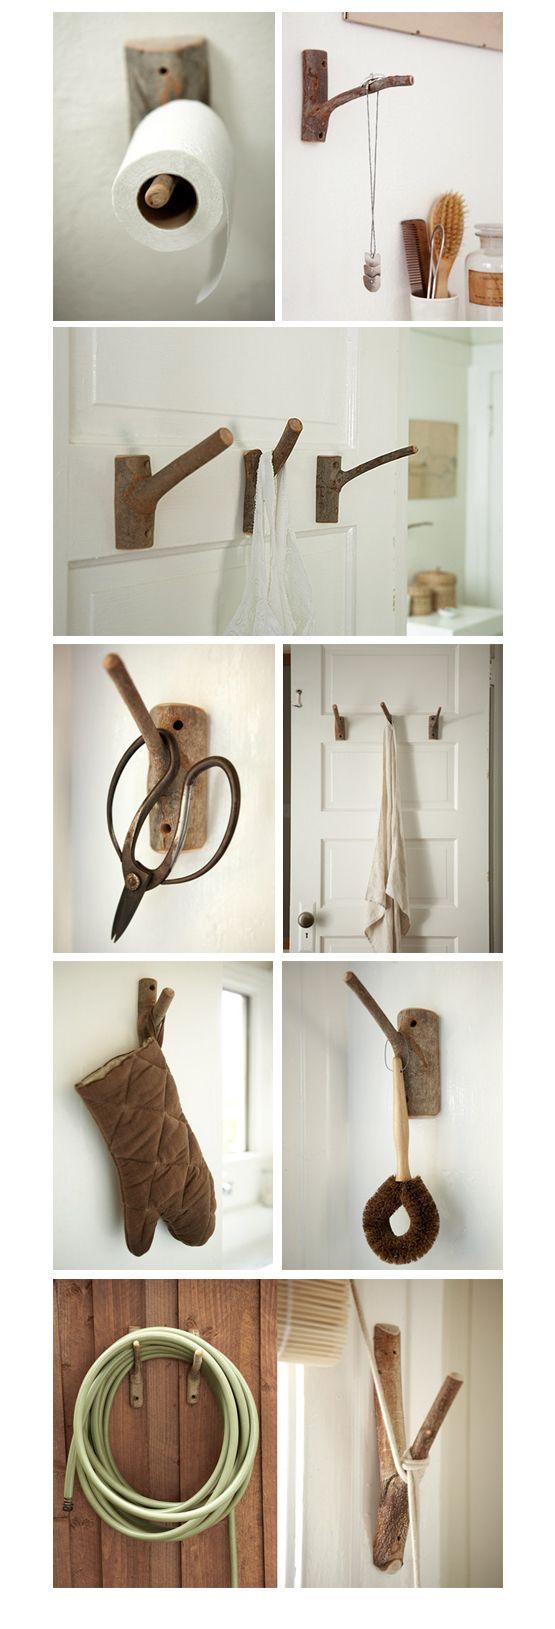 Как сделать деревья вешалки своими руками 95